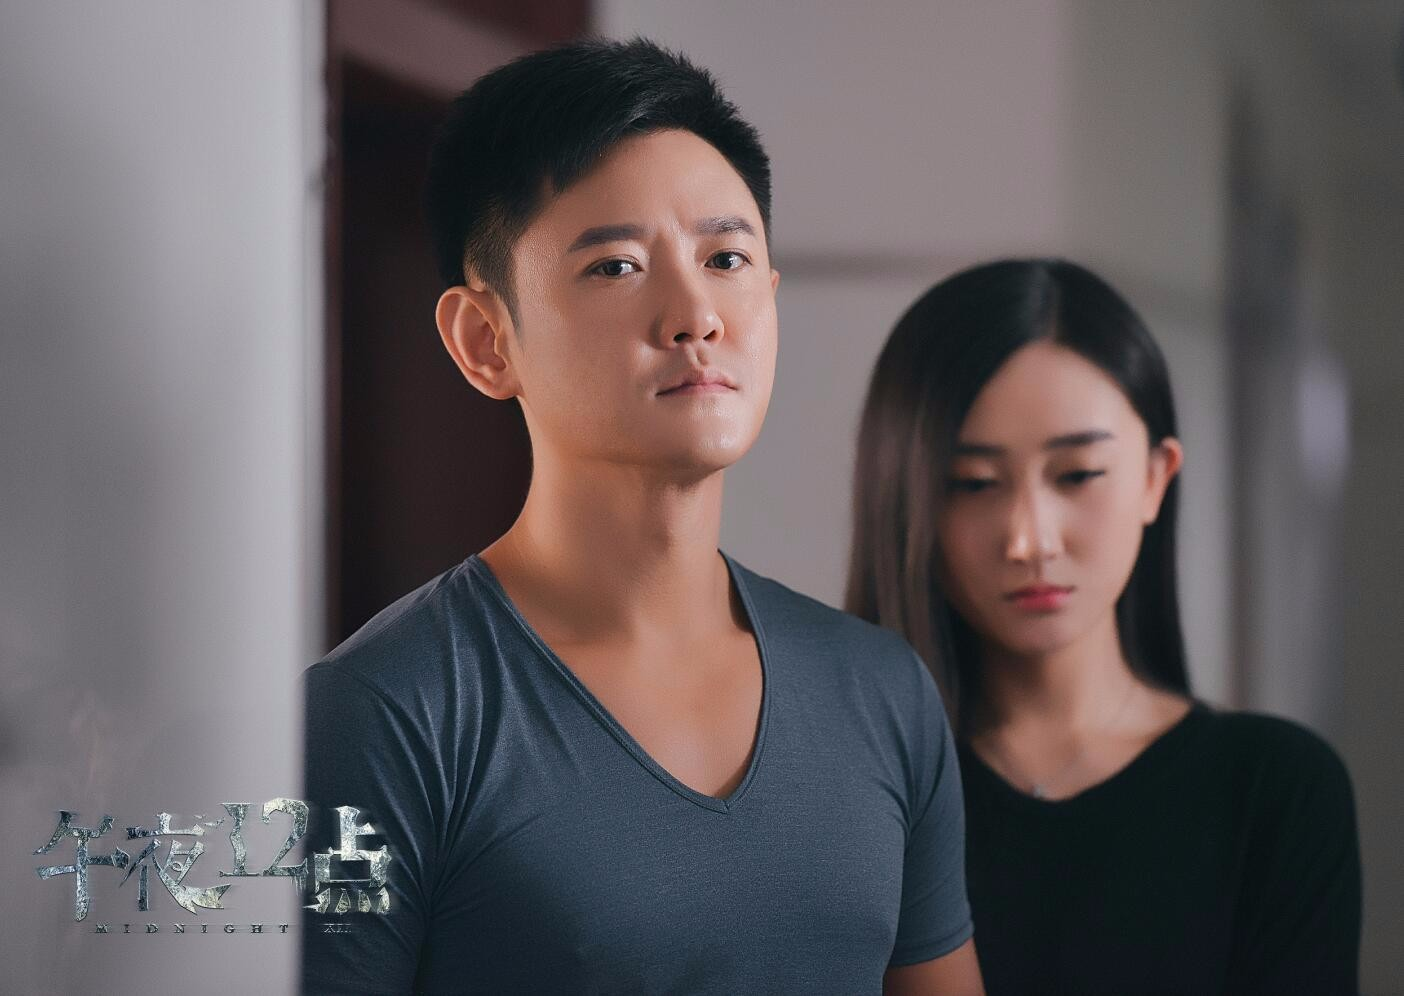 《午夜十二点》将映   主演倪新宇演技开挂